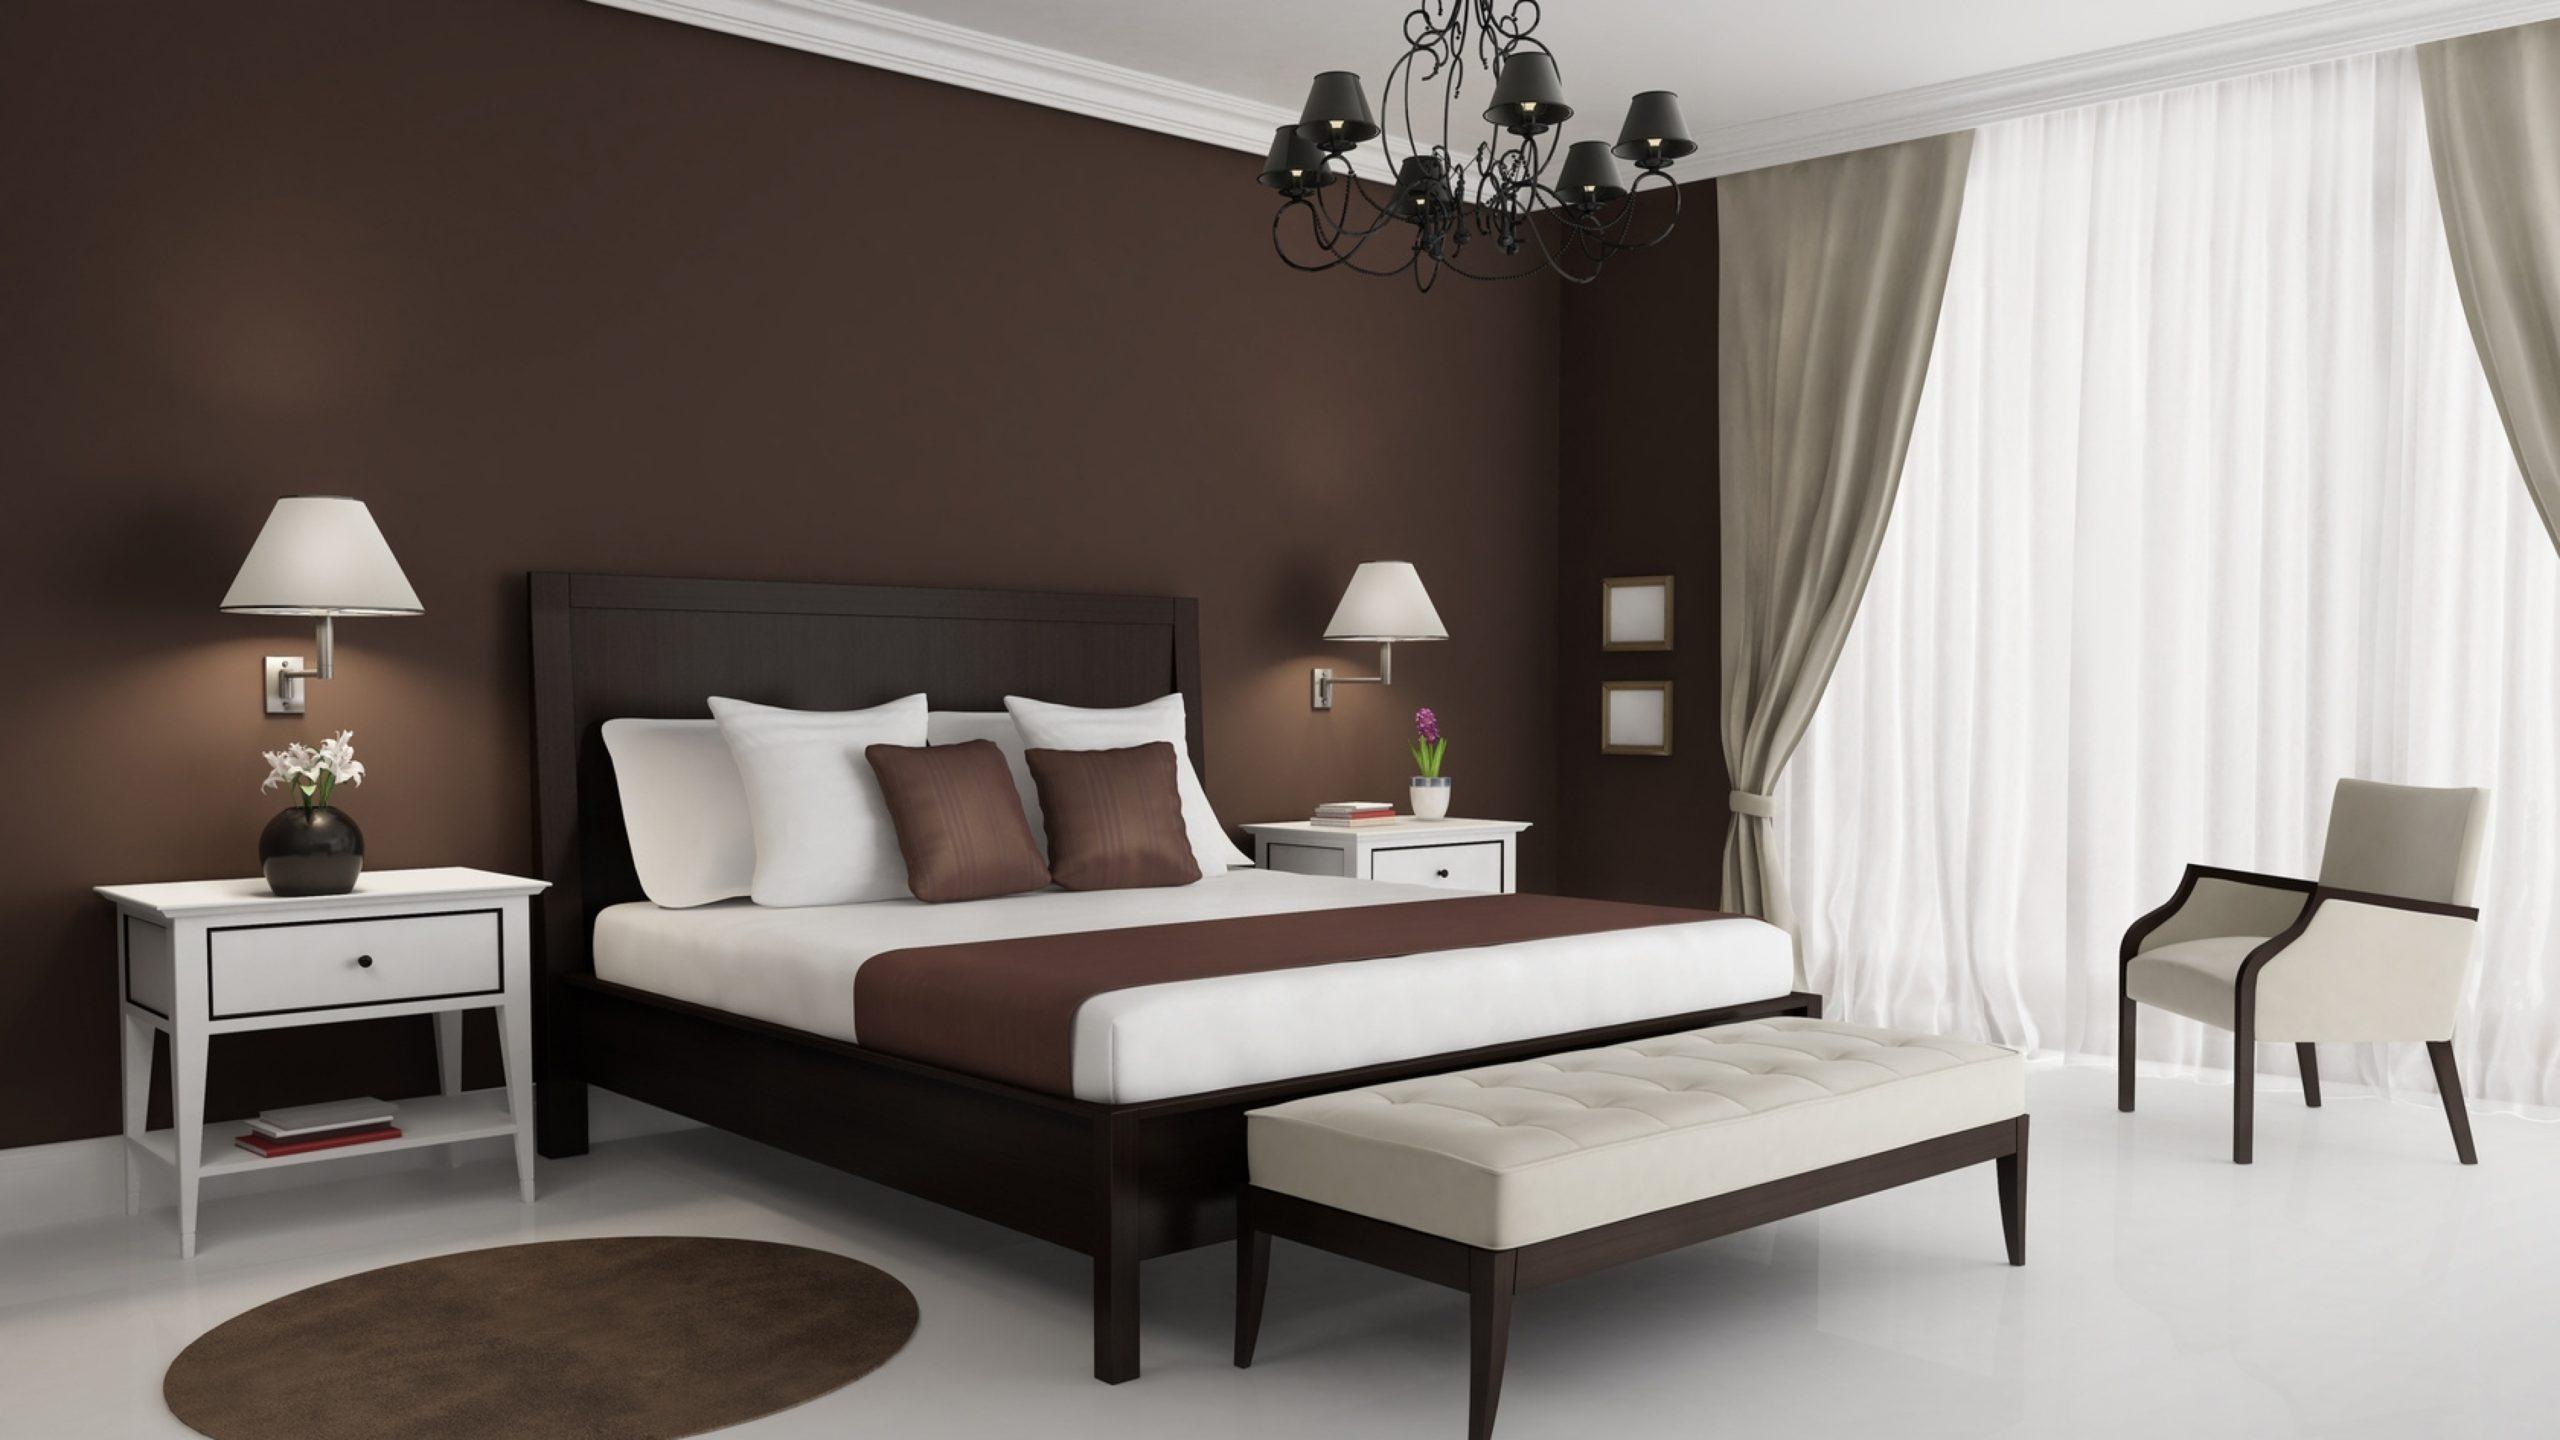 шоколадные стены в интерьере